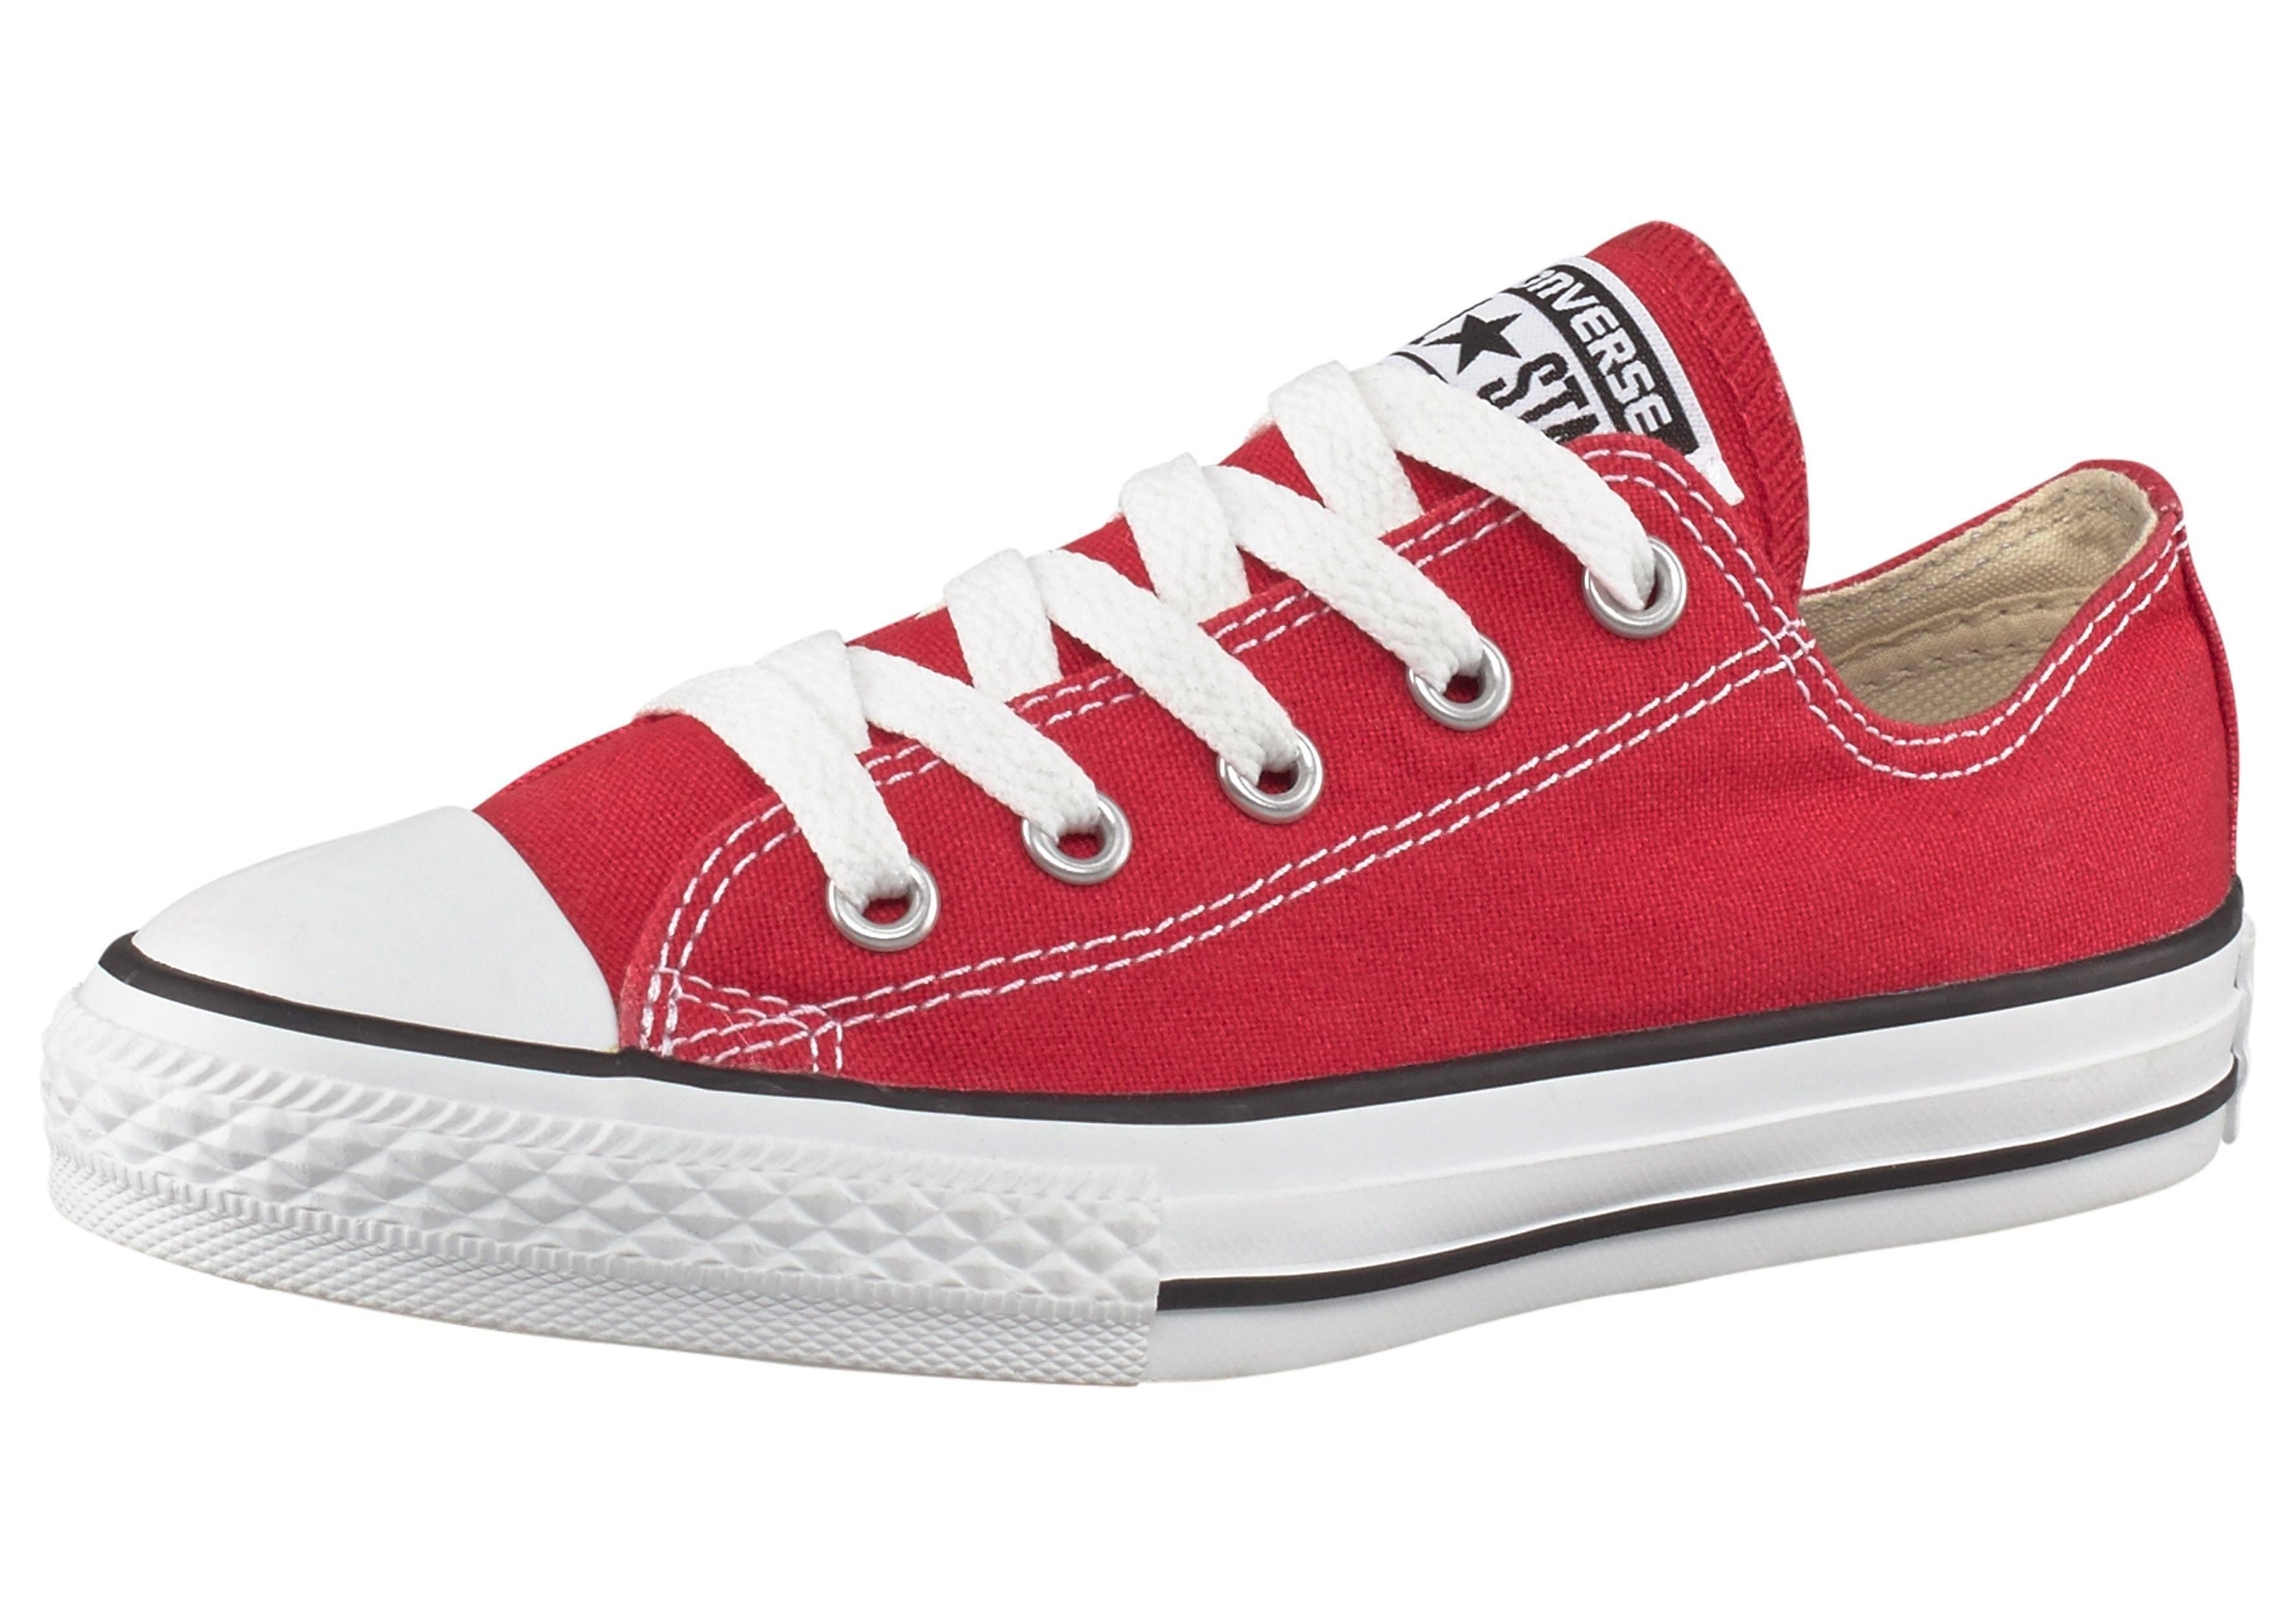 51084b7958 Converse gyerek Chuck Taylor alacsony szárú tornacipő - Glami.hu